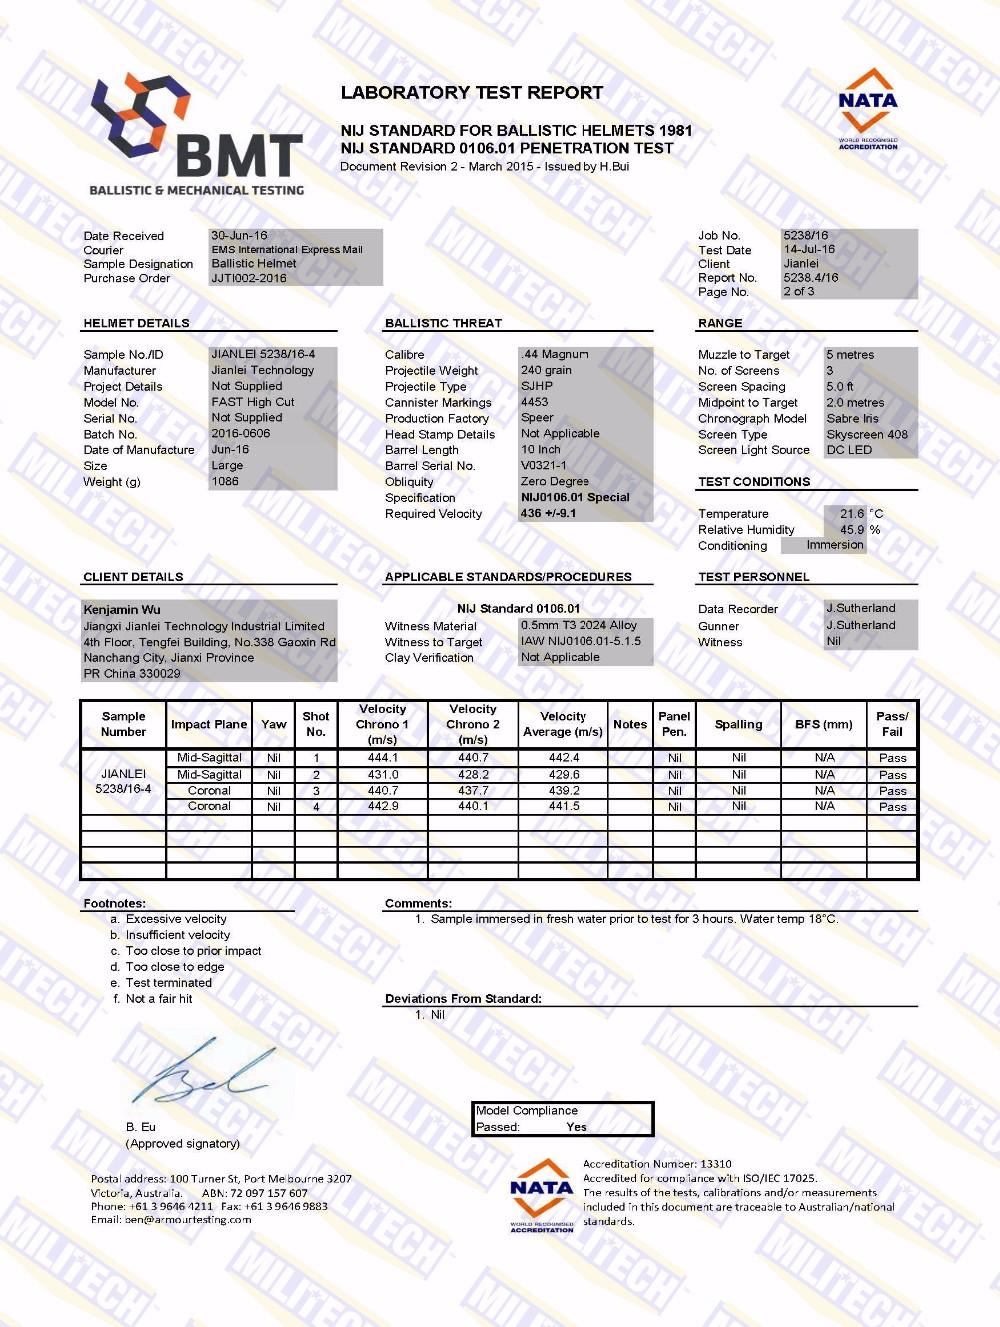 JIANLEI5238.4 NIJ0106.01 Special_Page_2